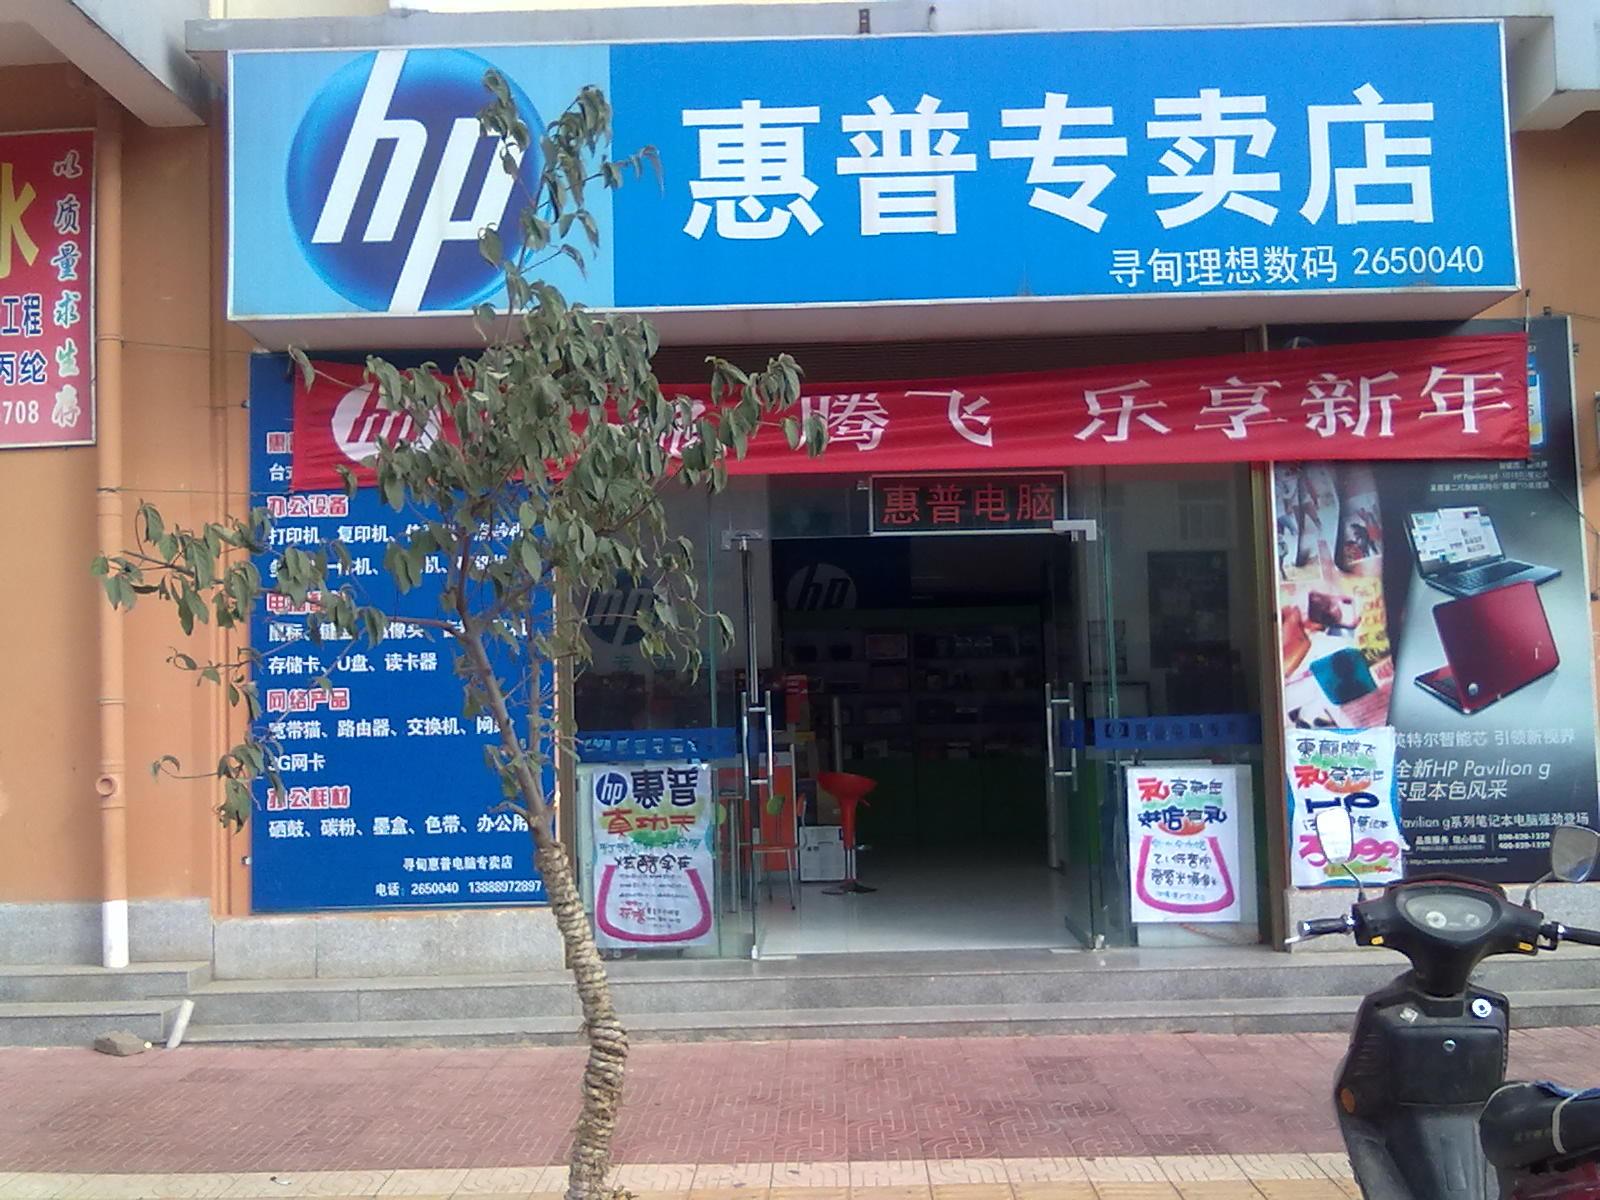 寻甸惠普电脑专卖店 (疾控中心斜对面)